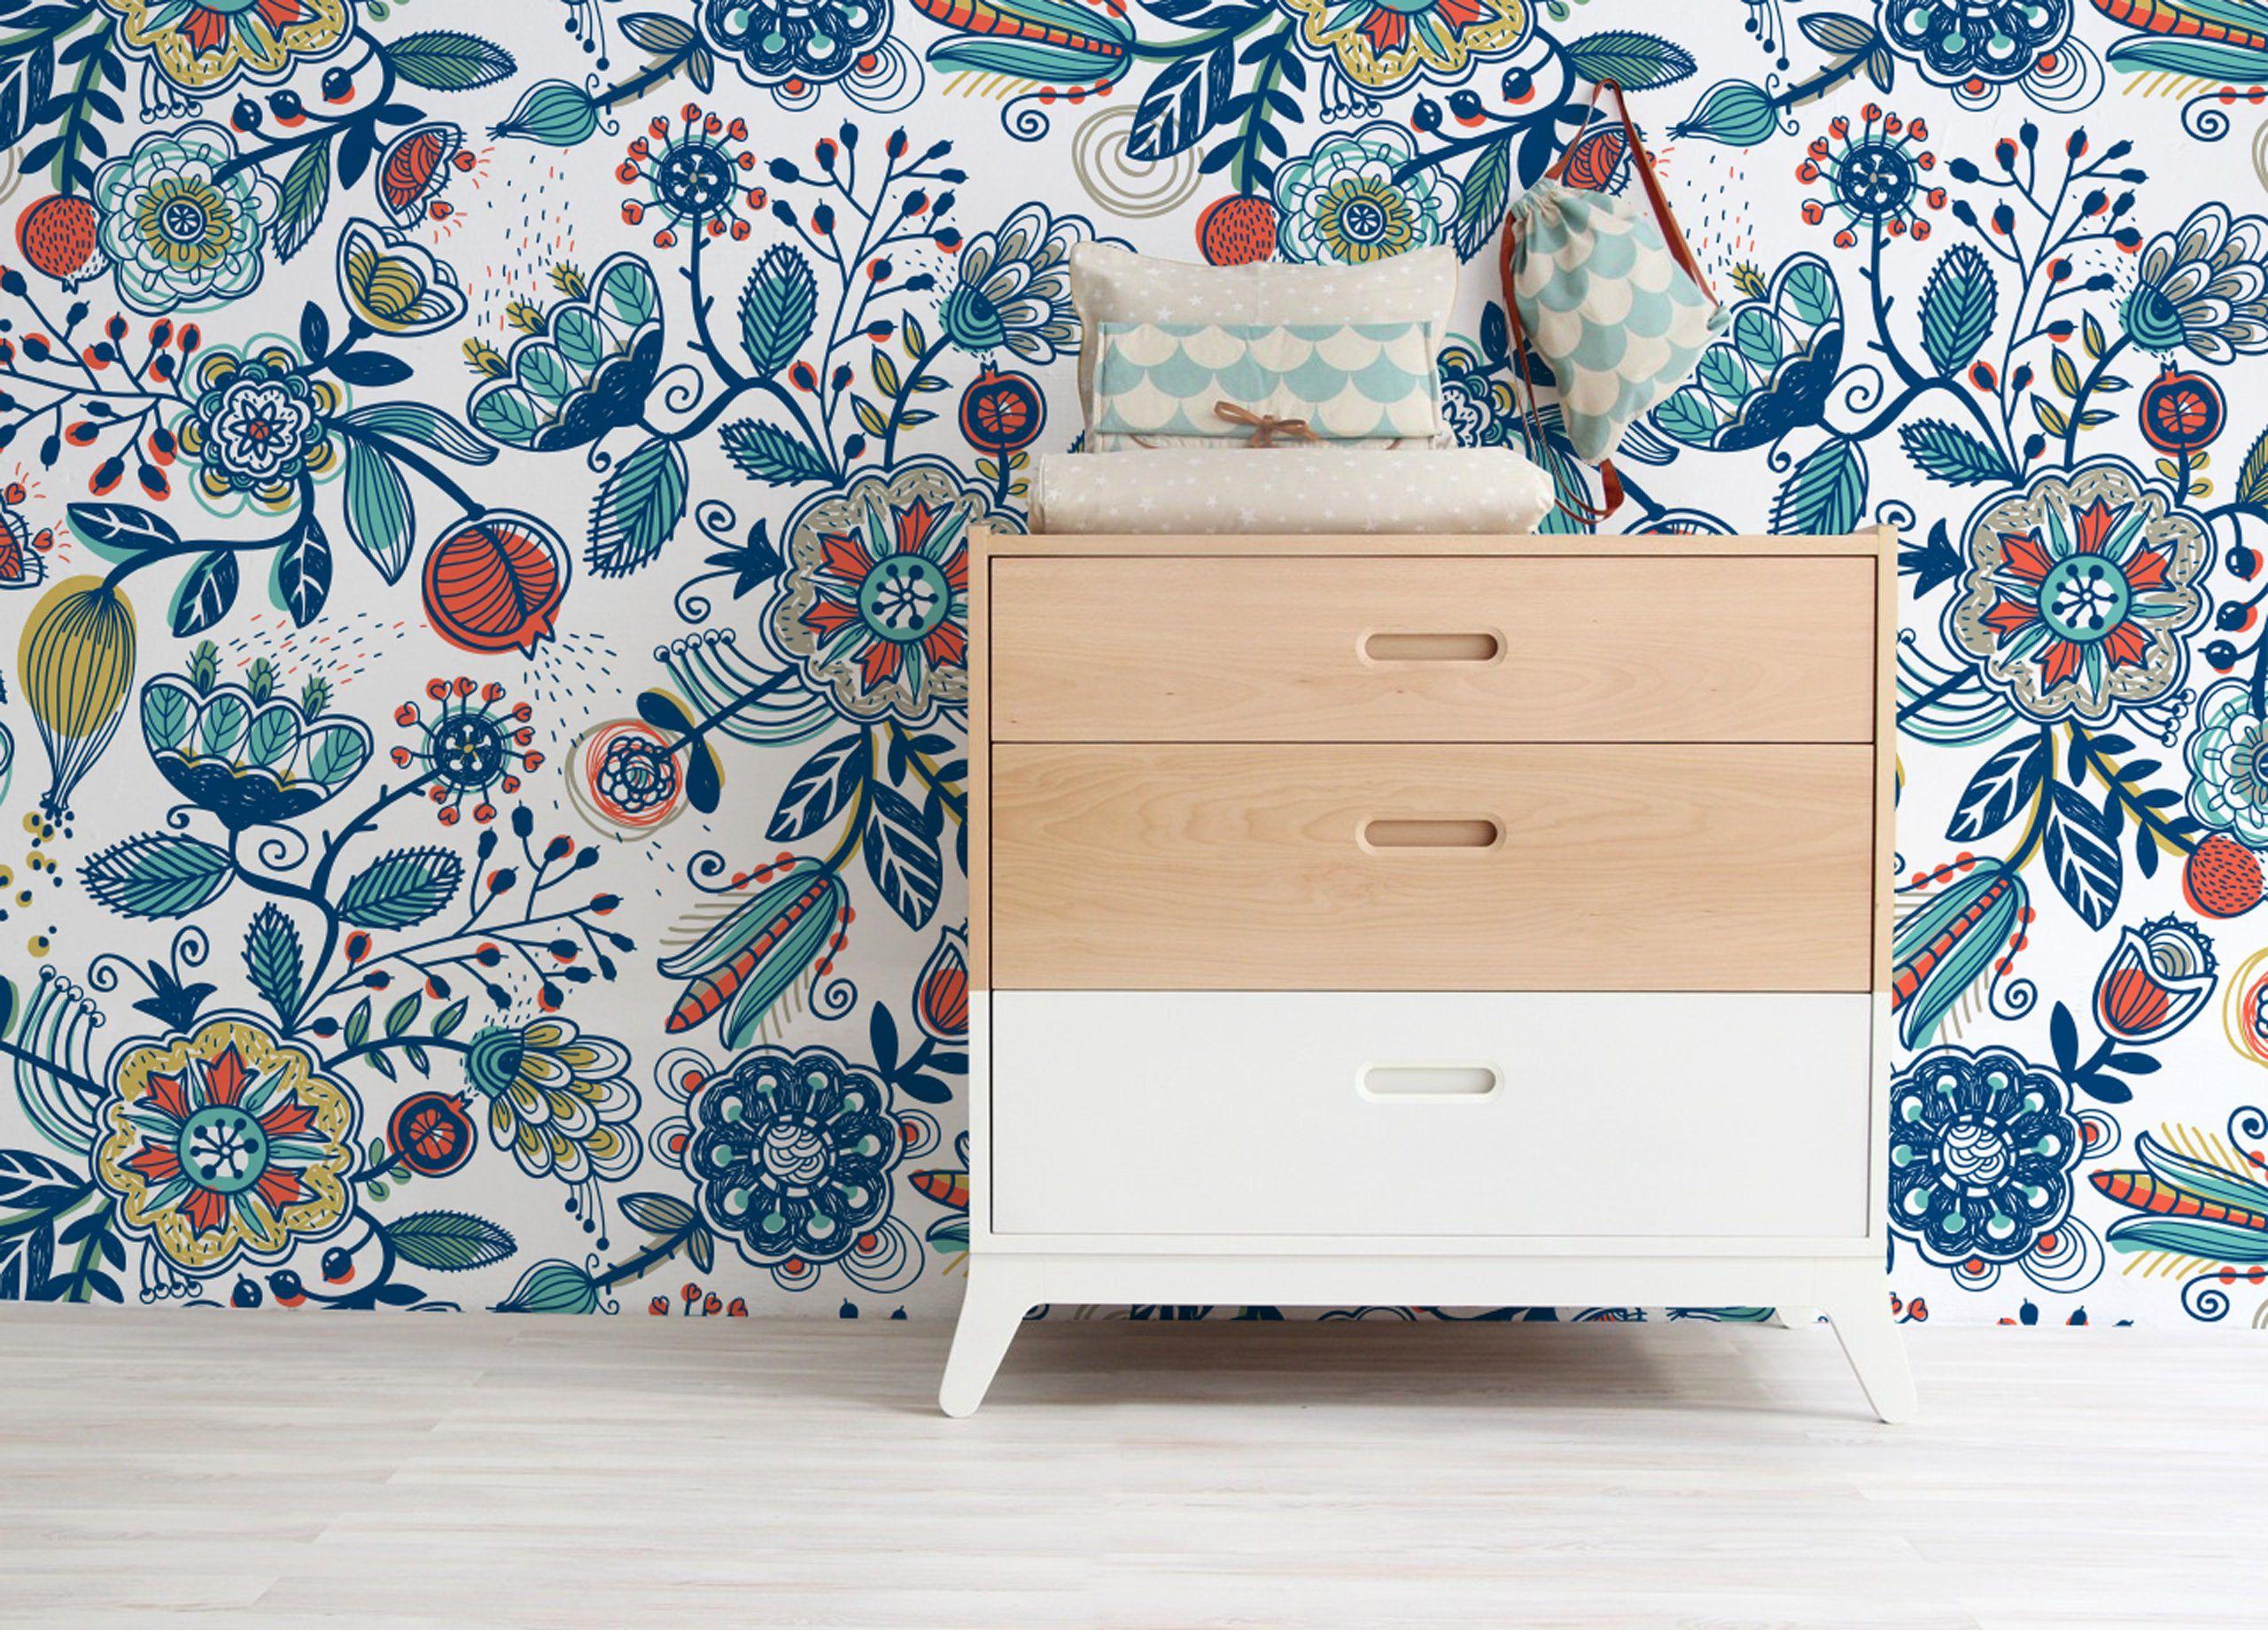 Boho Wallpaper, Boho Wall Mural, Boho Style, Peel and